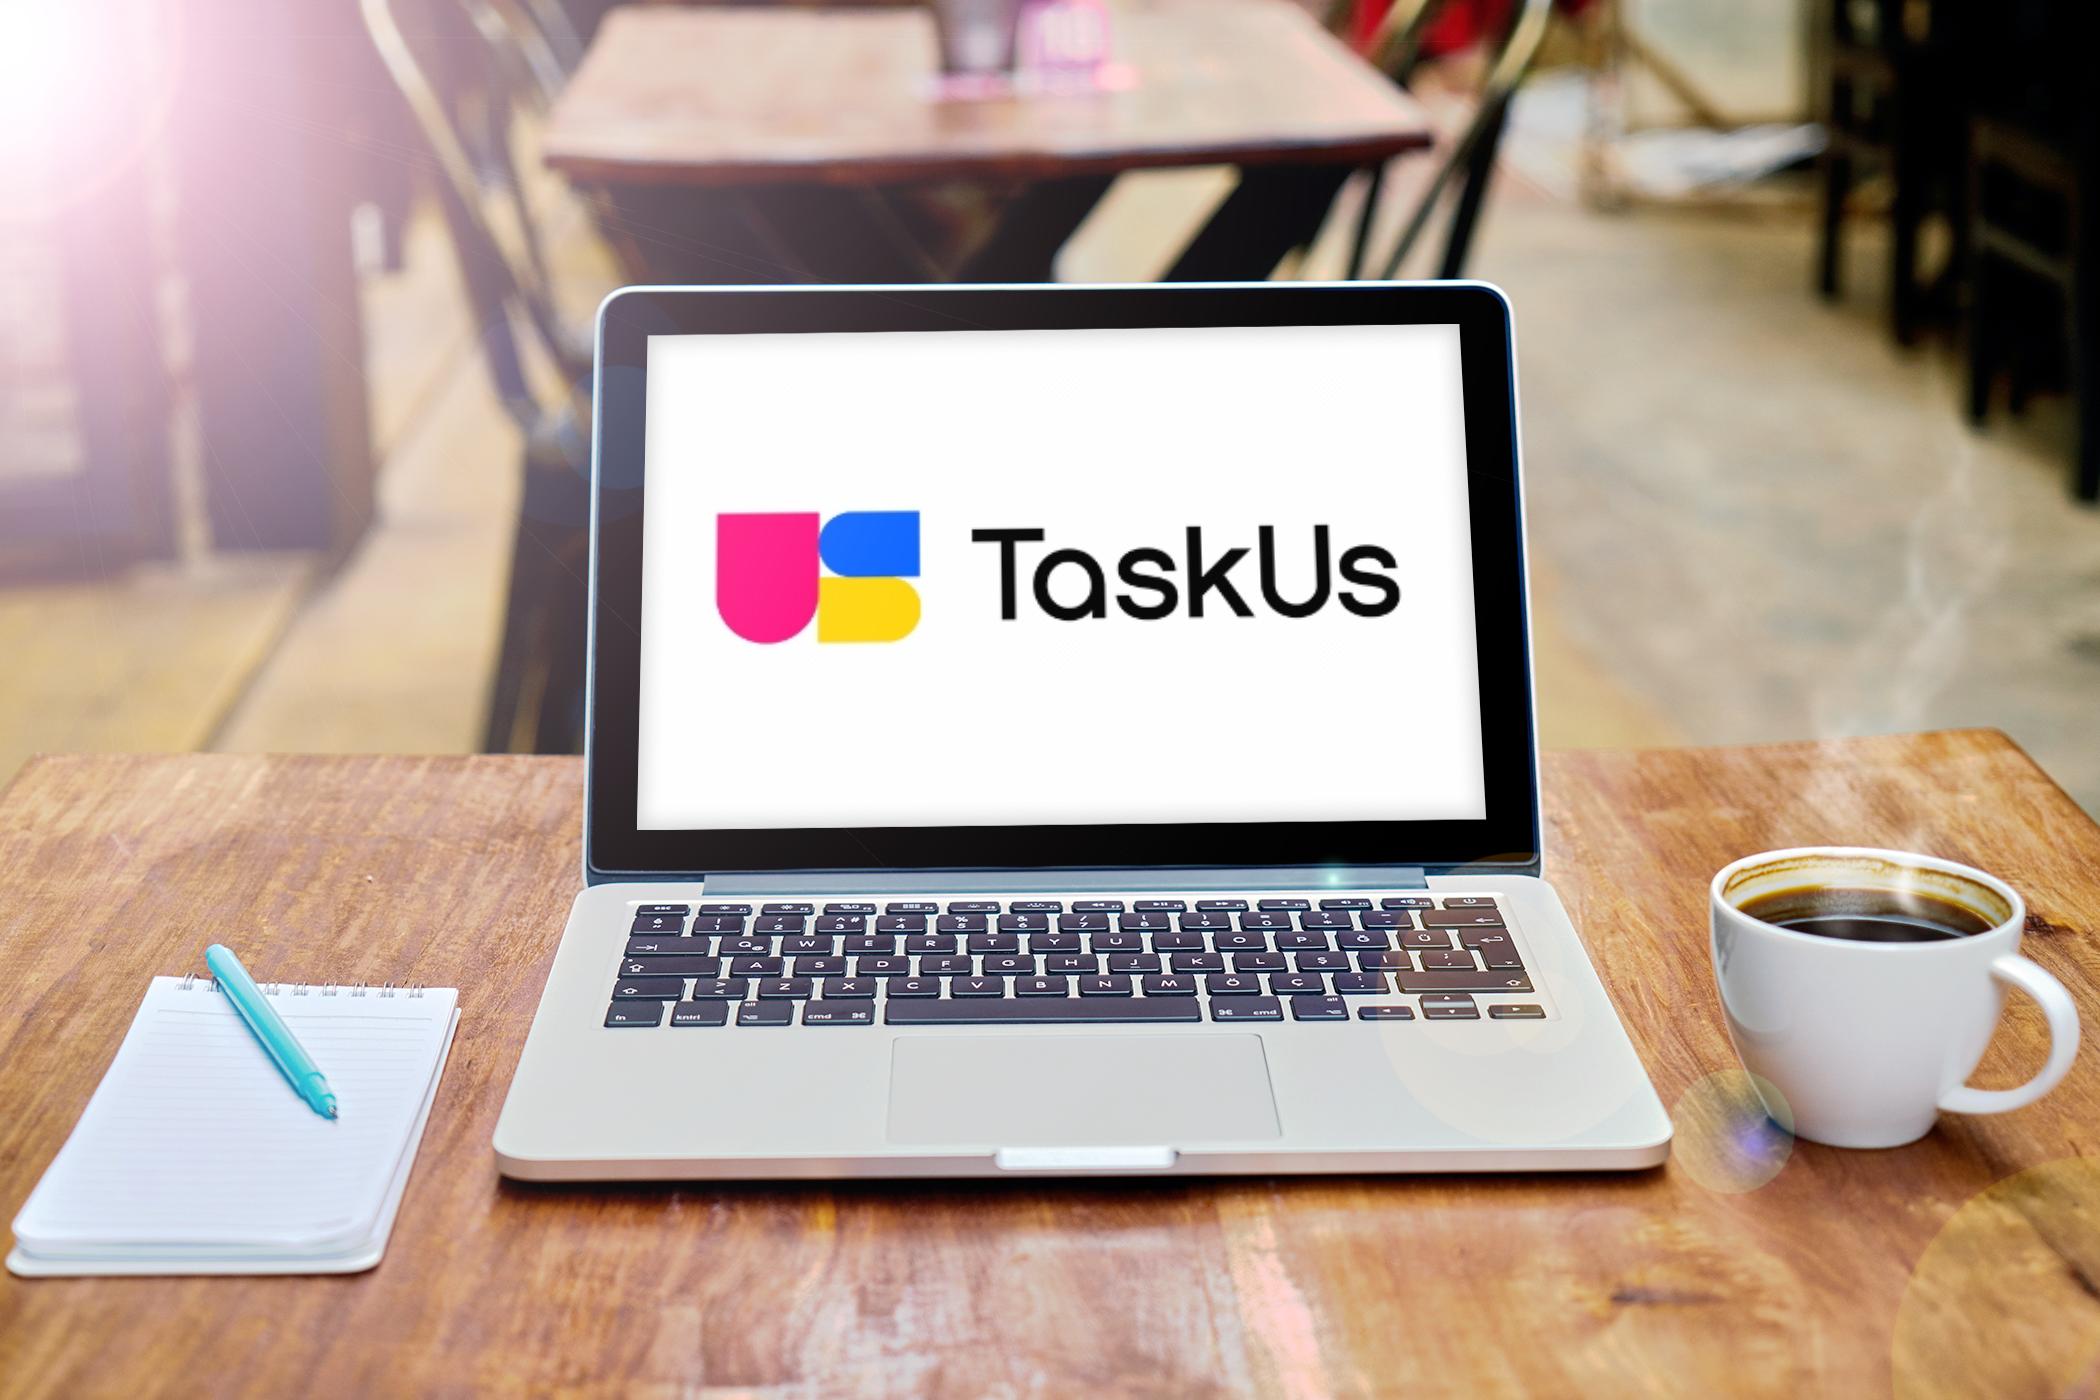 TaskUs Initial Public Offering